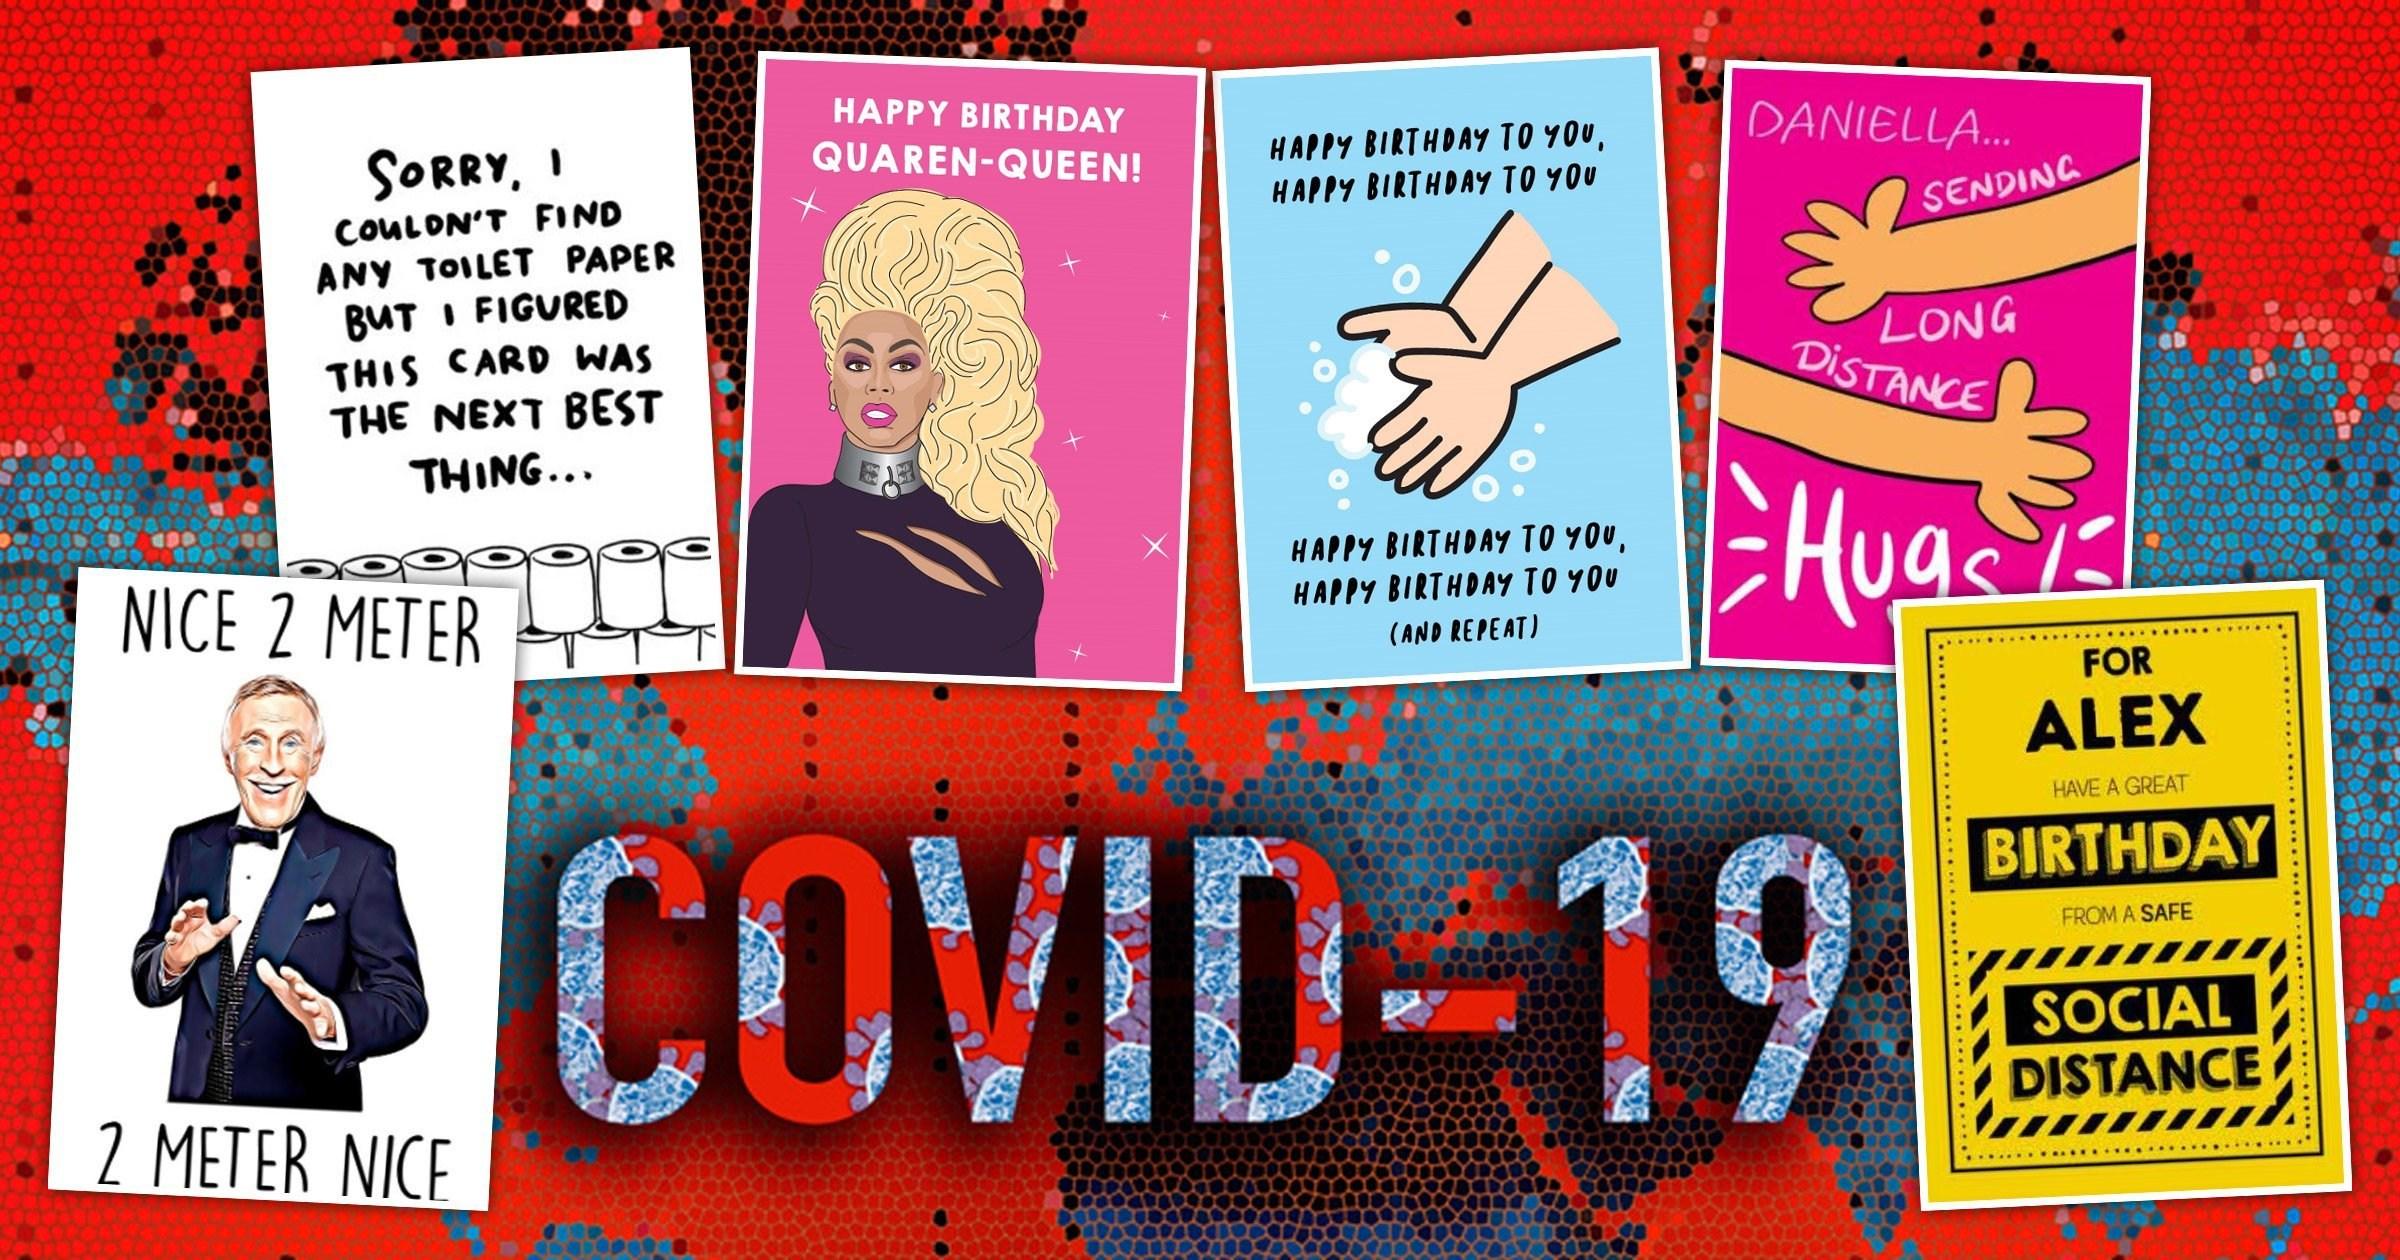 Where to get birthday cards during the coronavirus lockdown